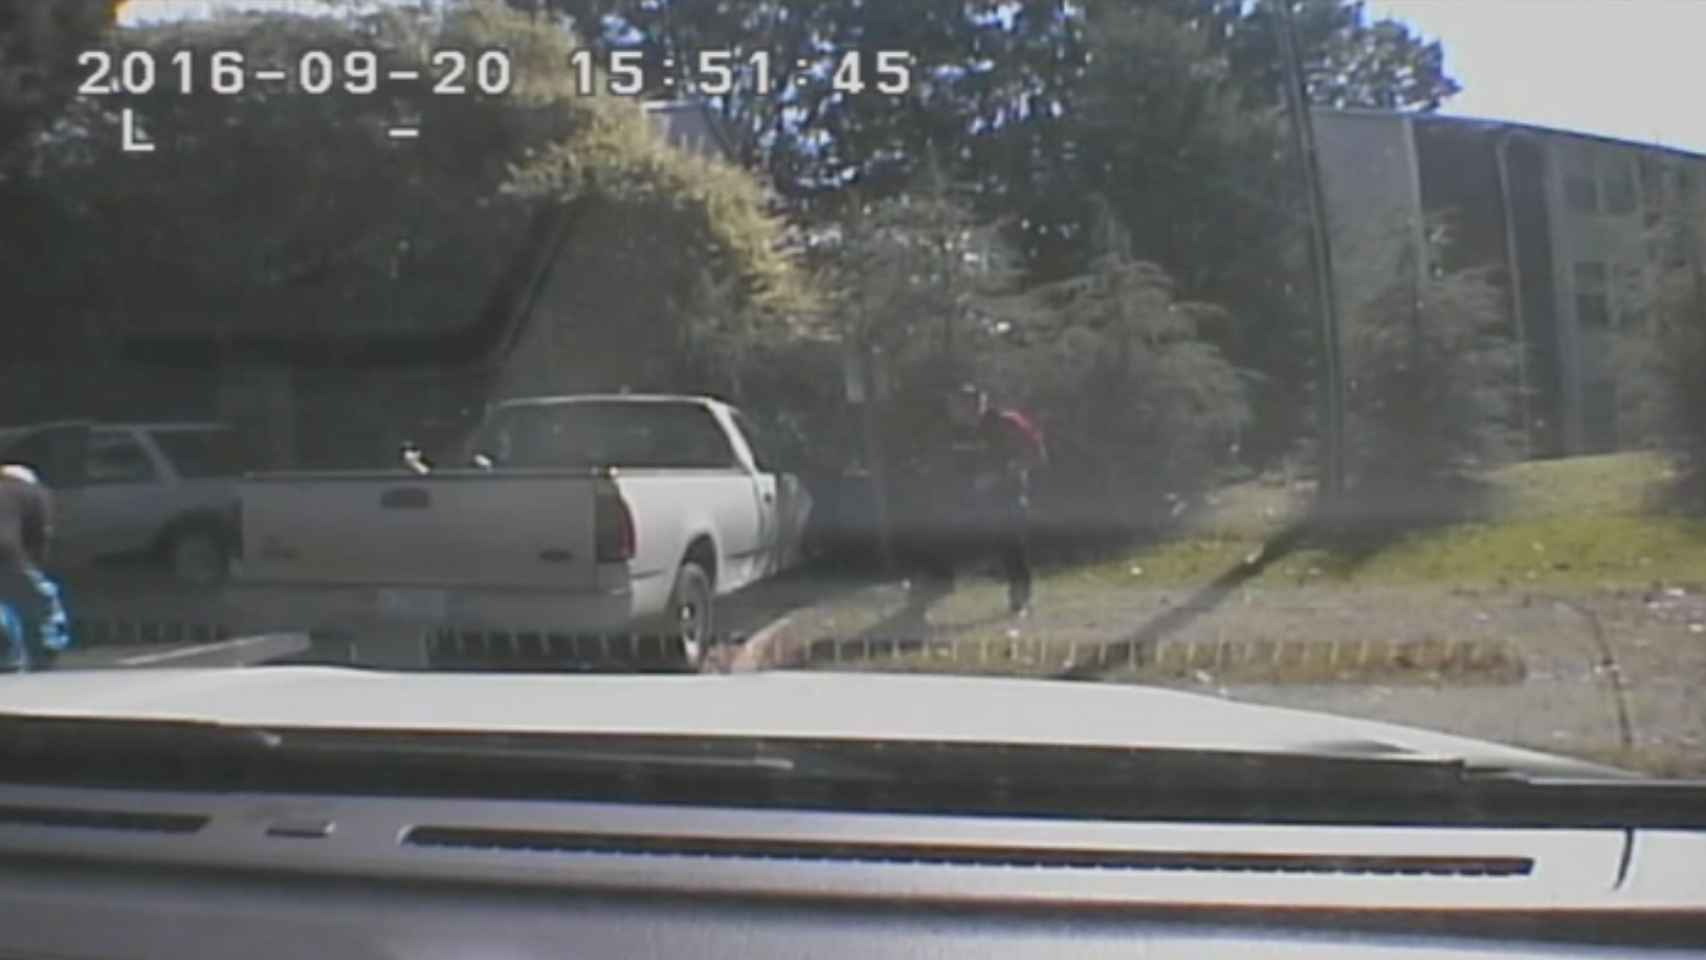 Captura de un de los vídeos difundidos por la Policía de Charlotte